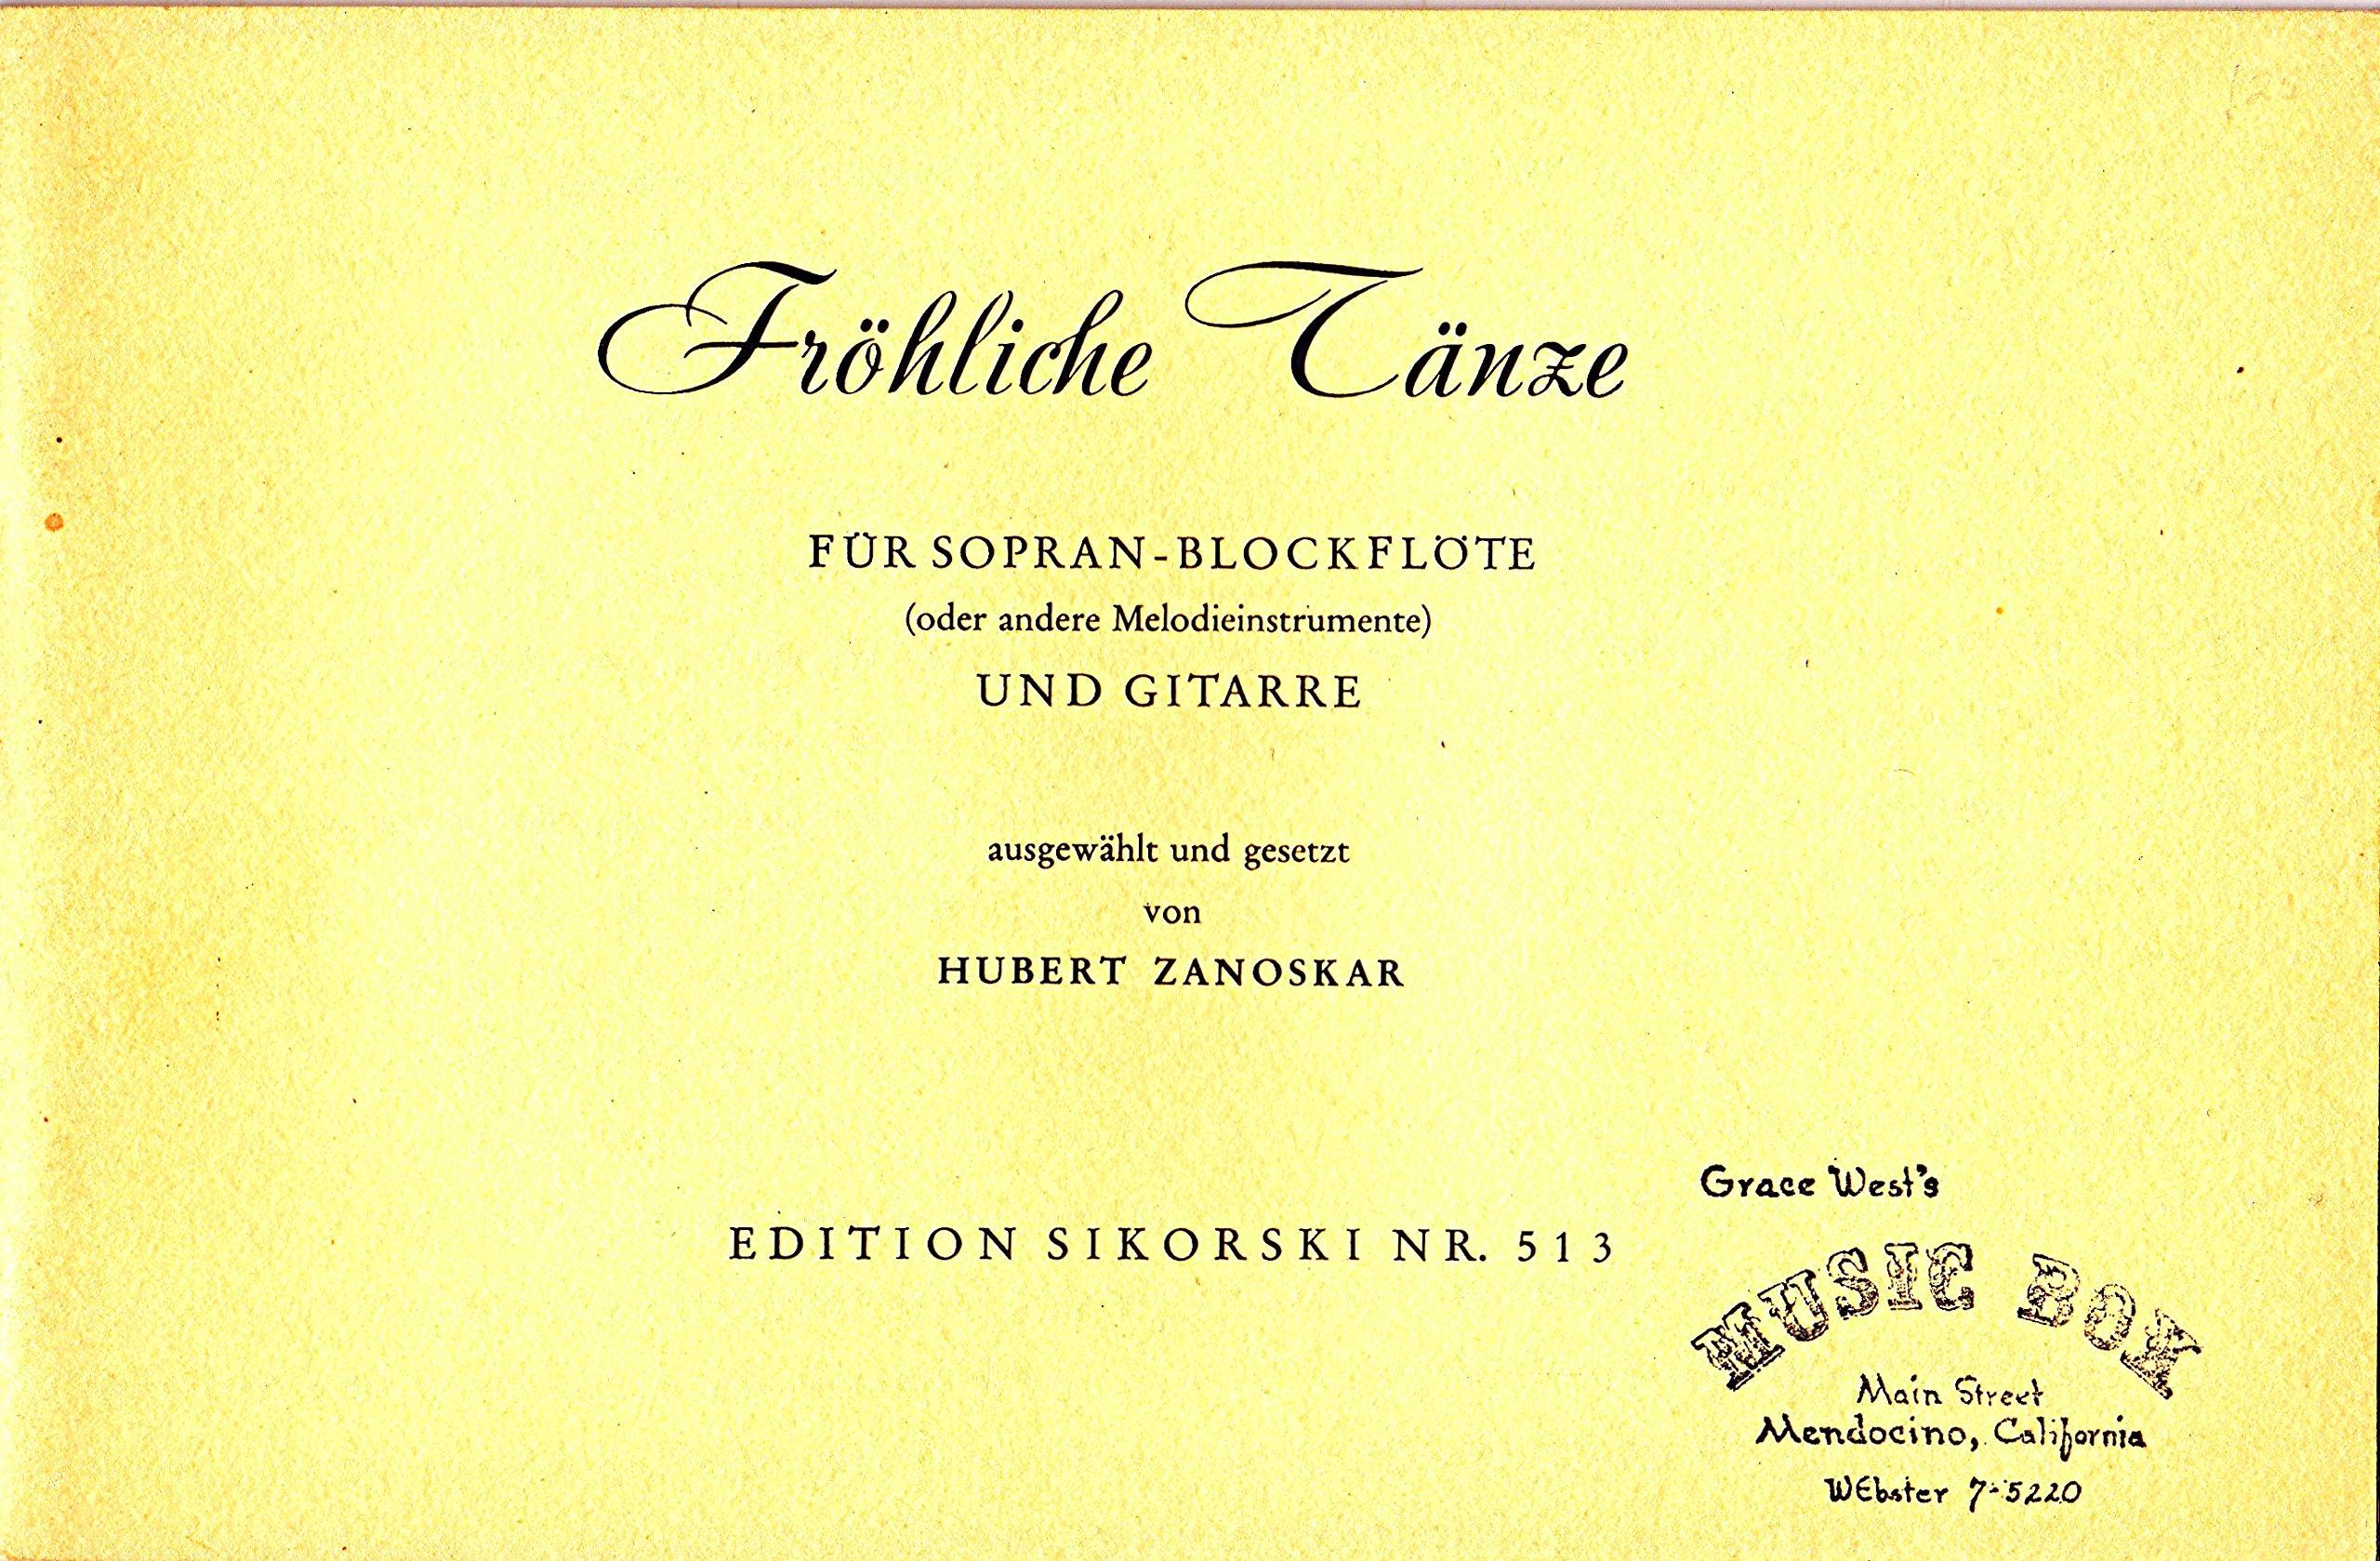 frohliche-tanze-for-recorder-and-guitar-fur-sopran-blockflote-und-gitarre